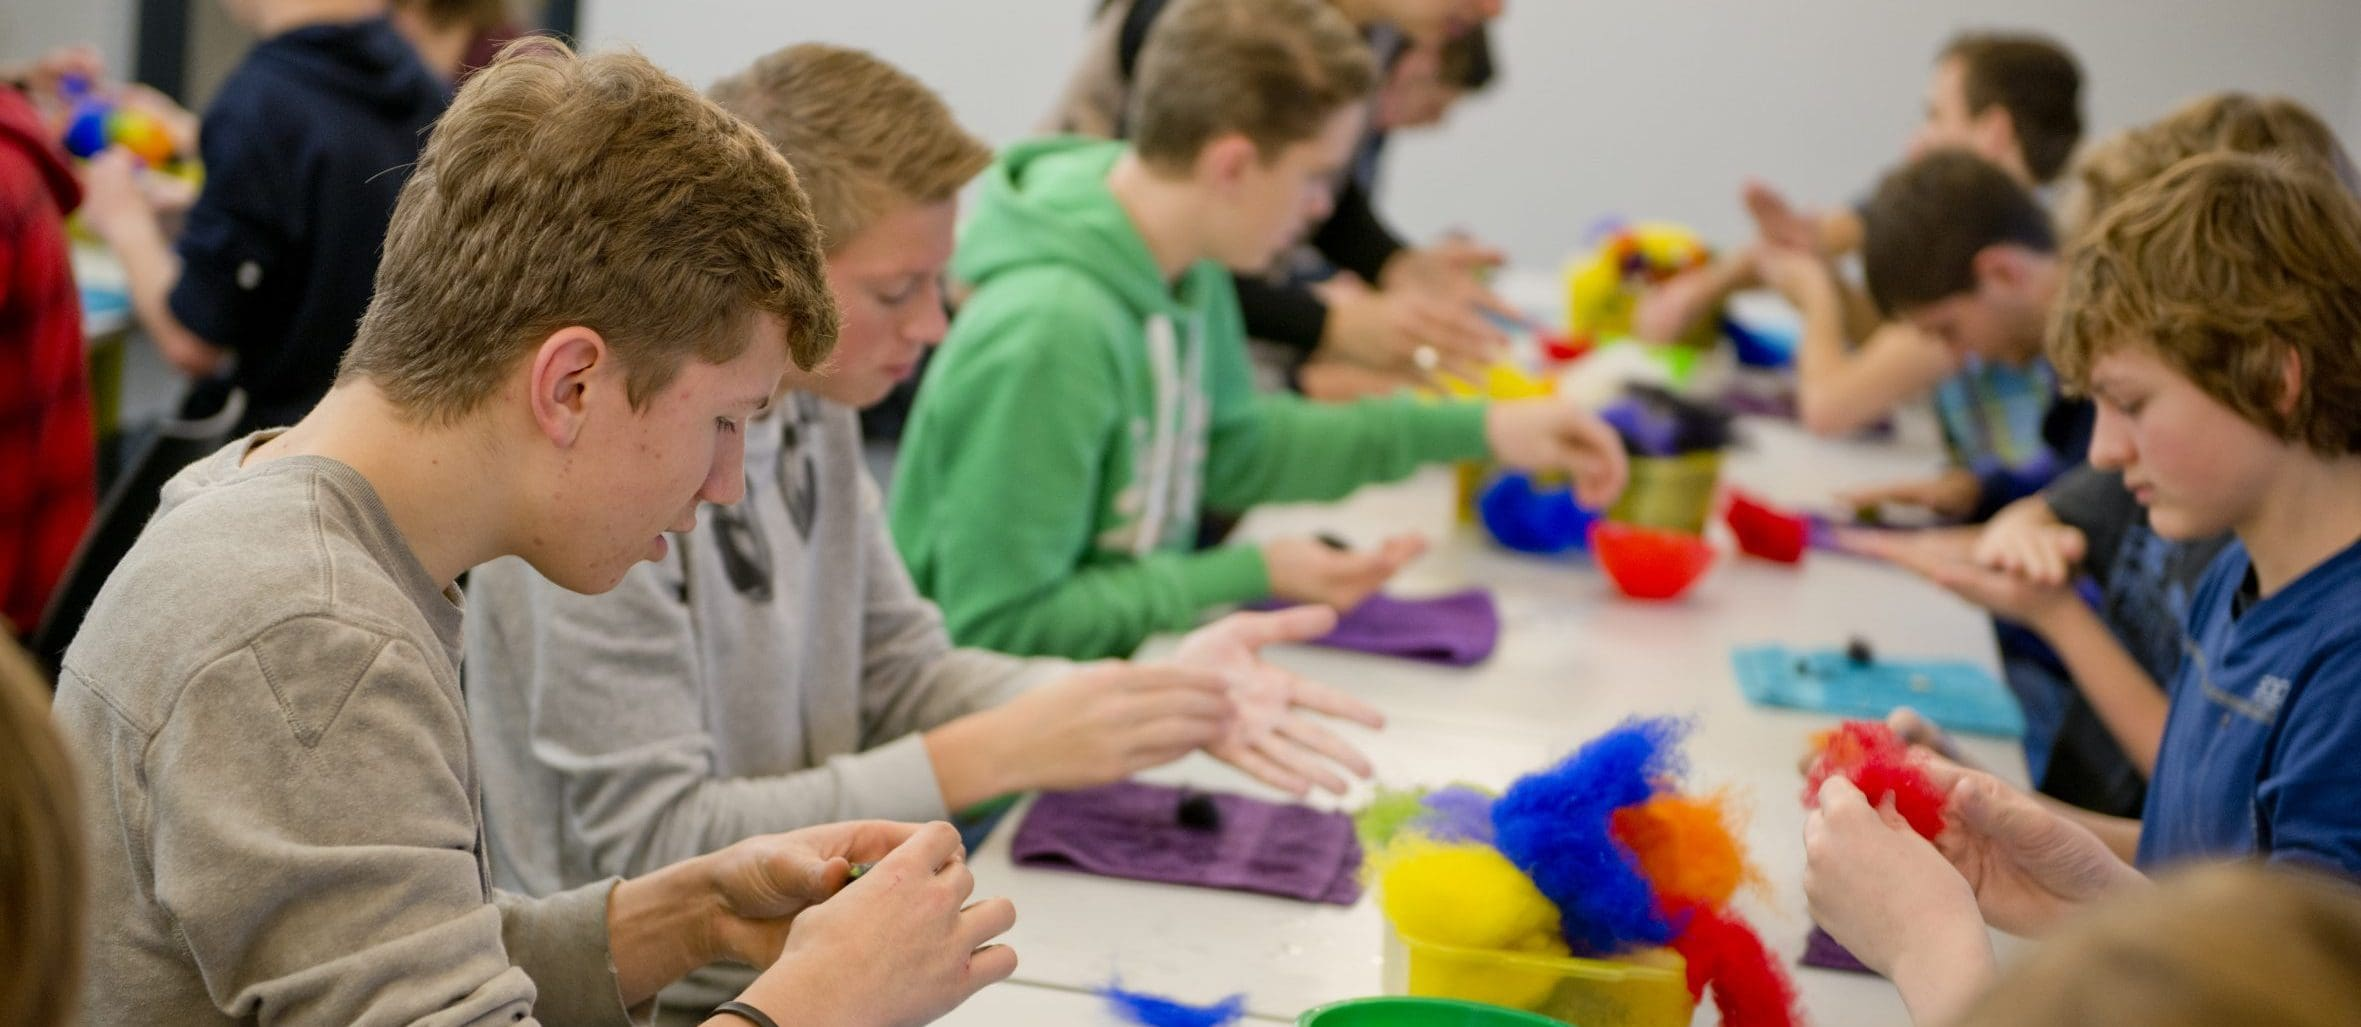 Kinderen tijdens workshop. Foto: Camiel Donders